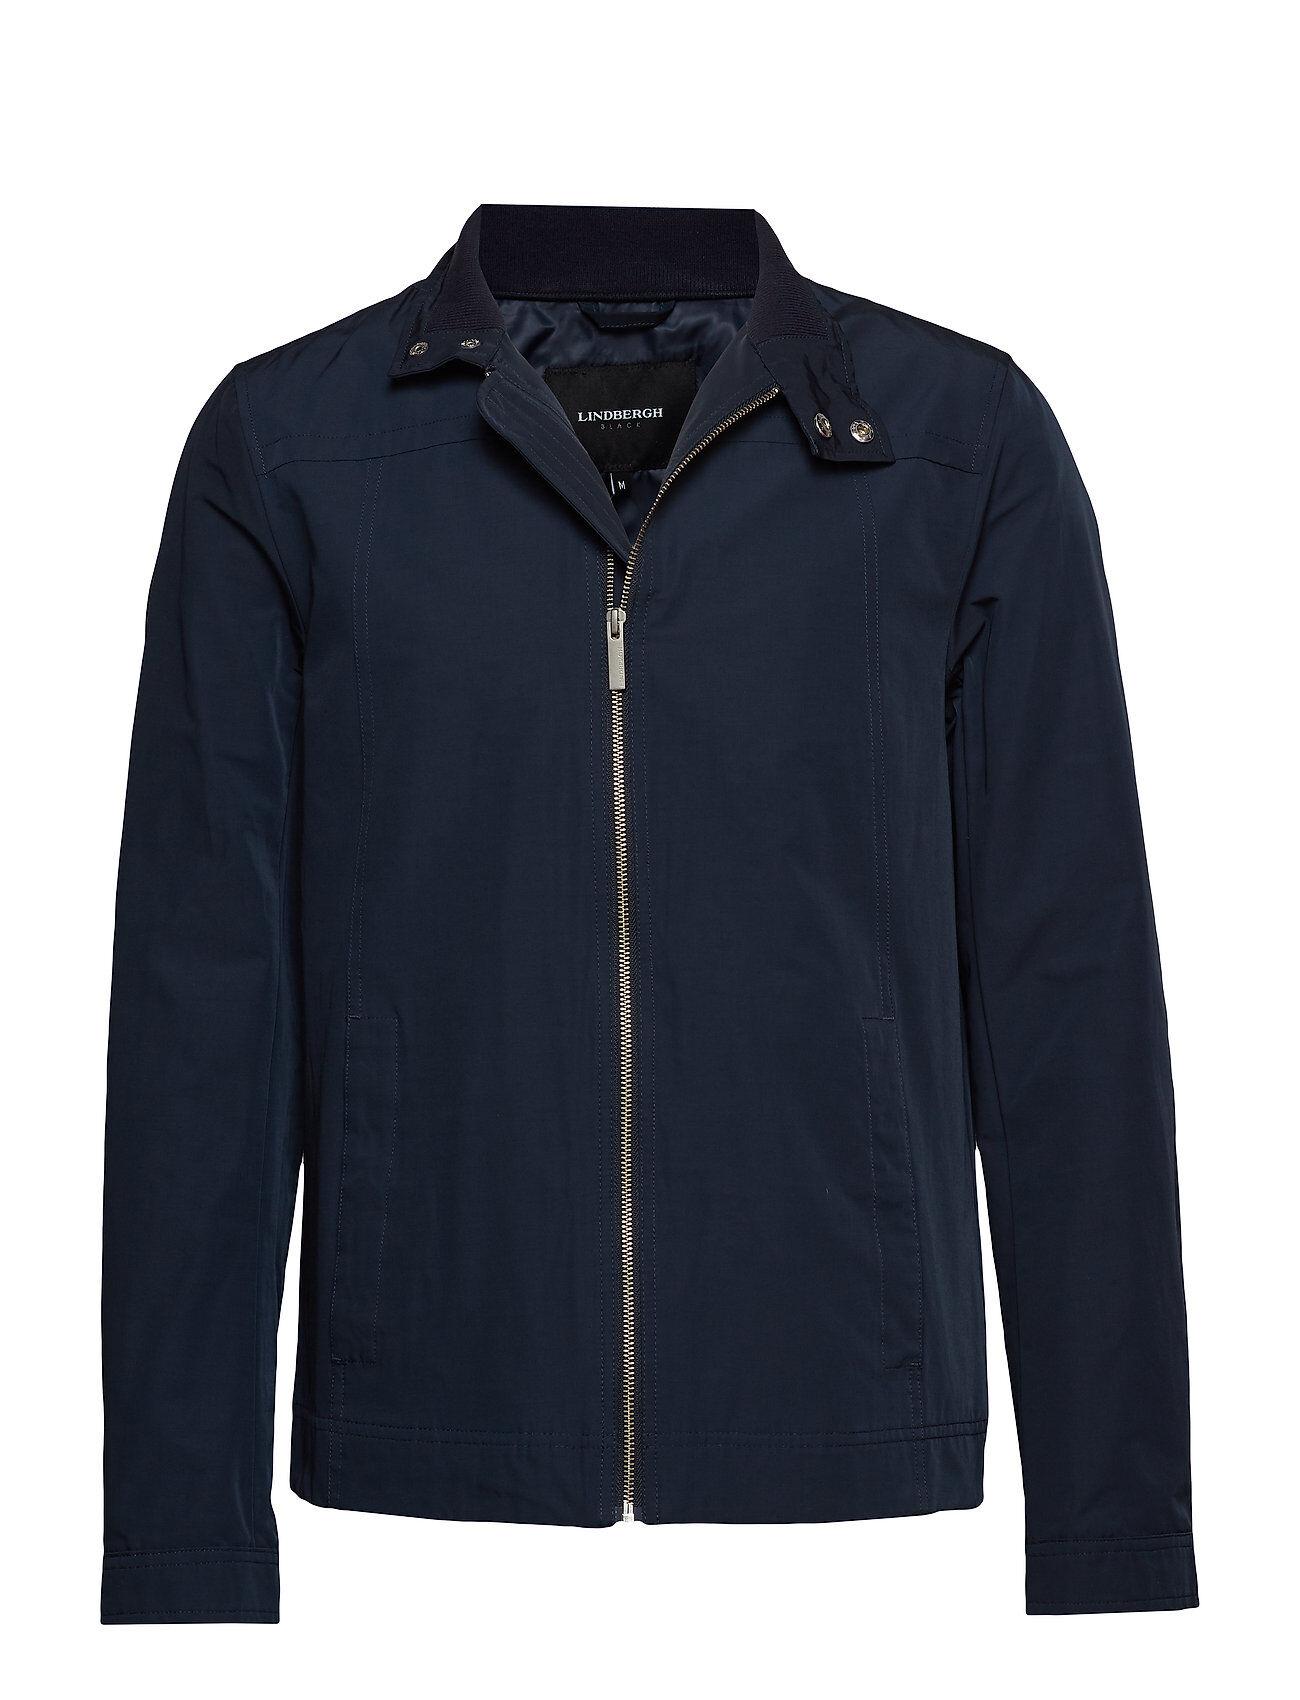 Lindbergh Short Jacket